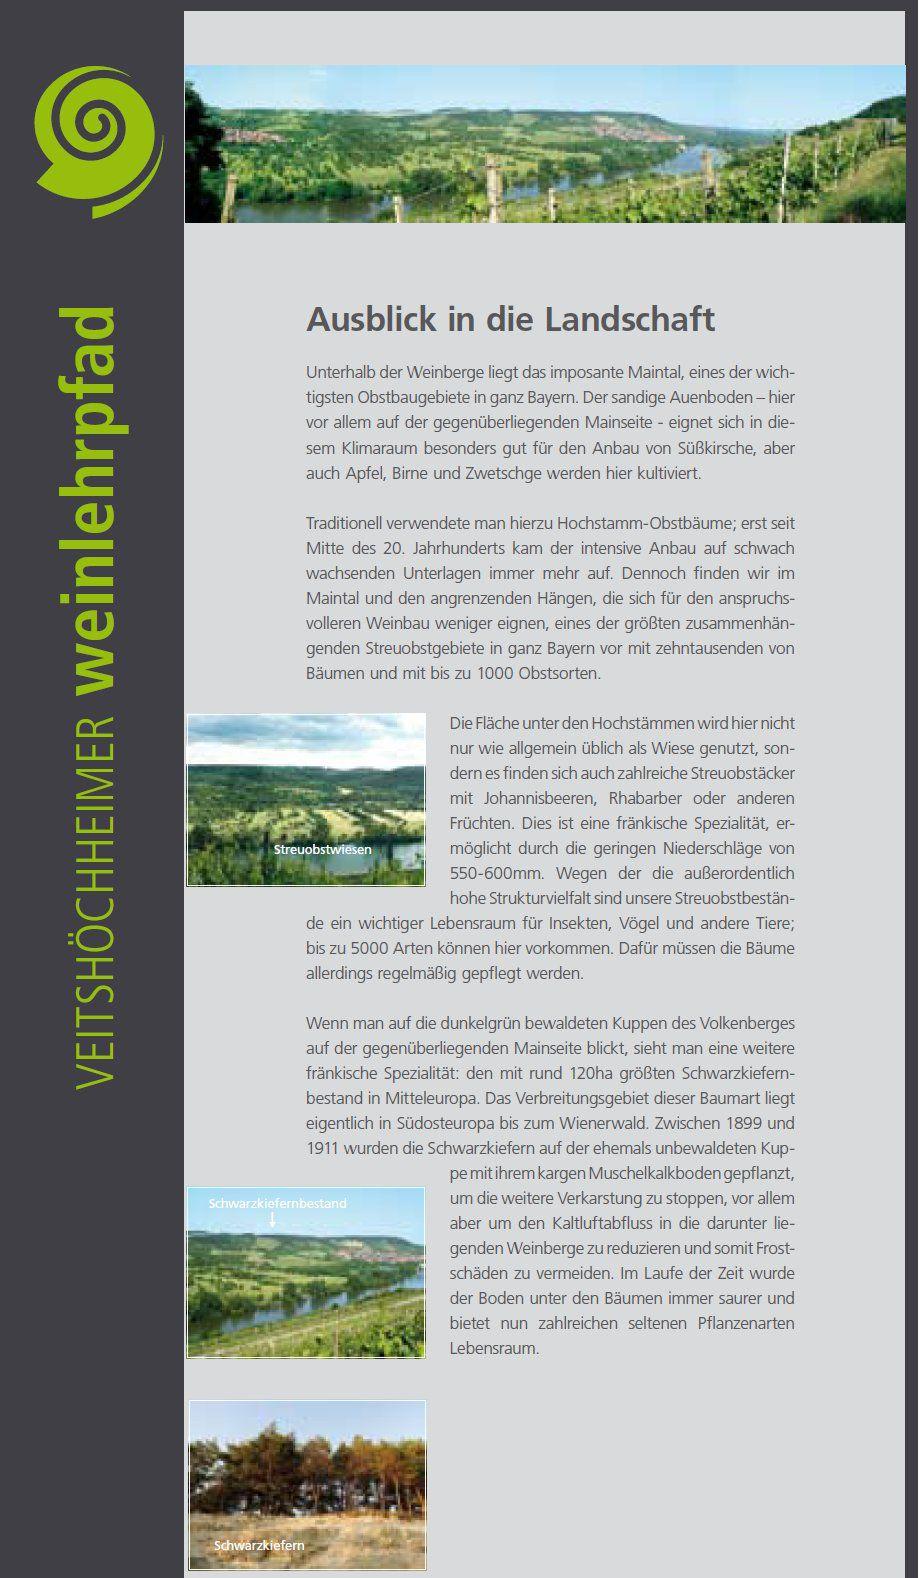 Veitshöchheimer Sonnenschein inmitten des Wein-, Natur- und Kulturlehrpfades der Gemeinde